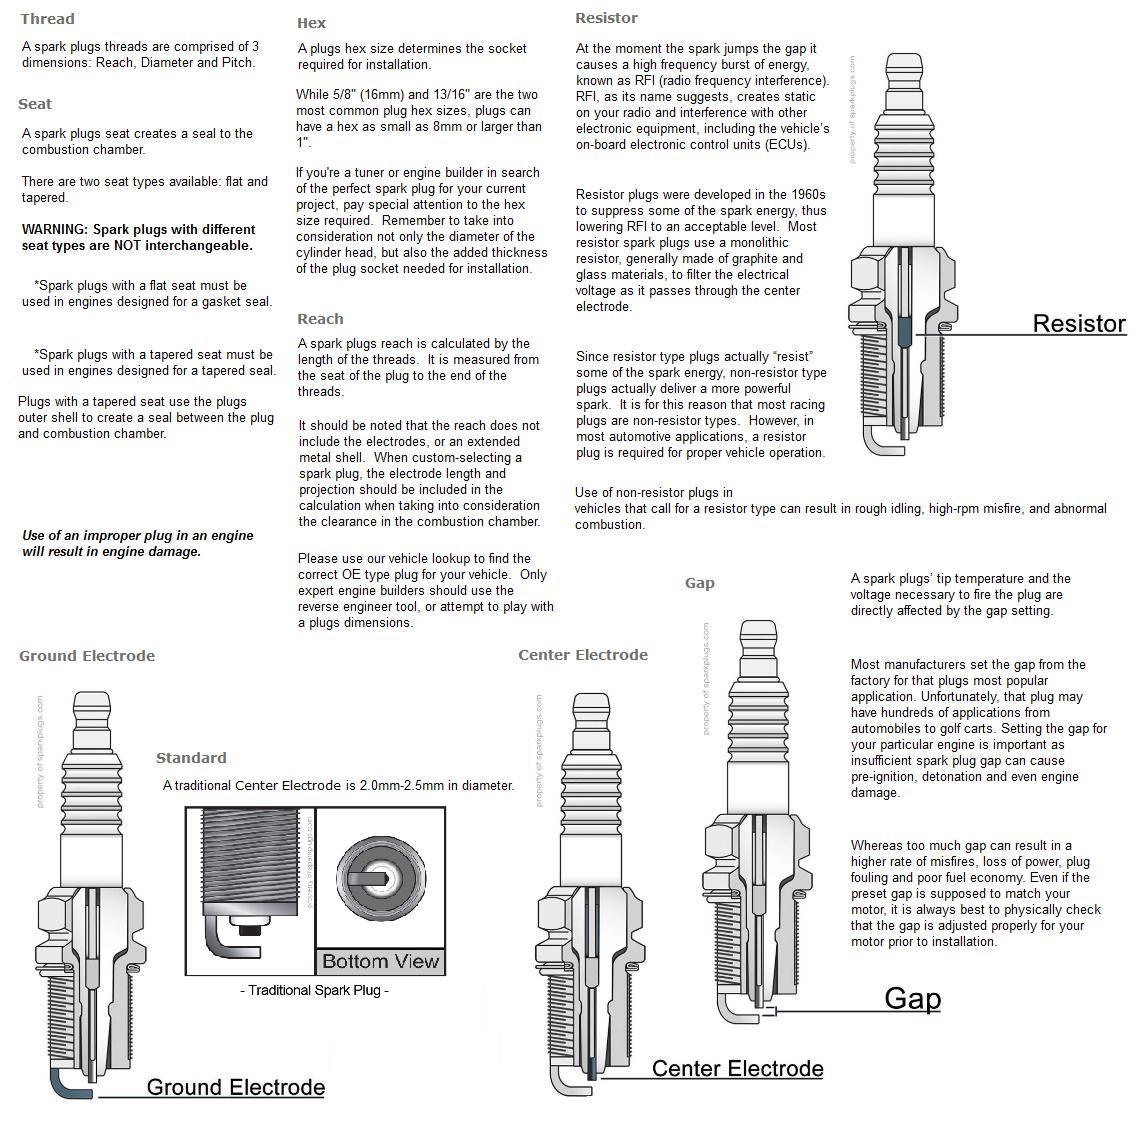 hight resolution of details spark plug